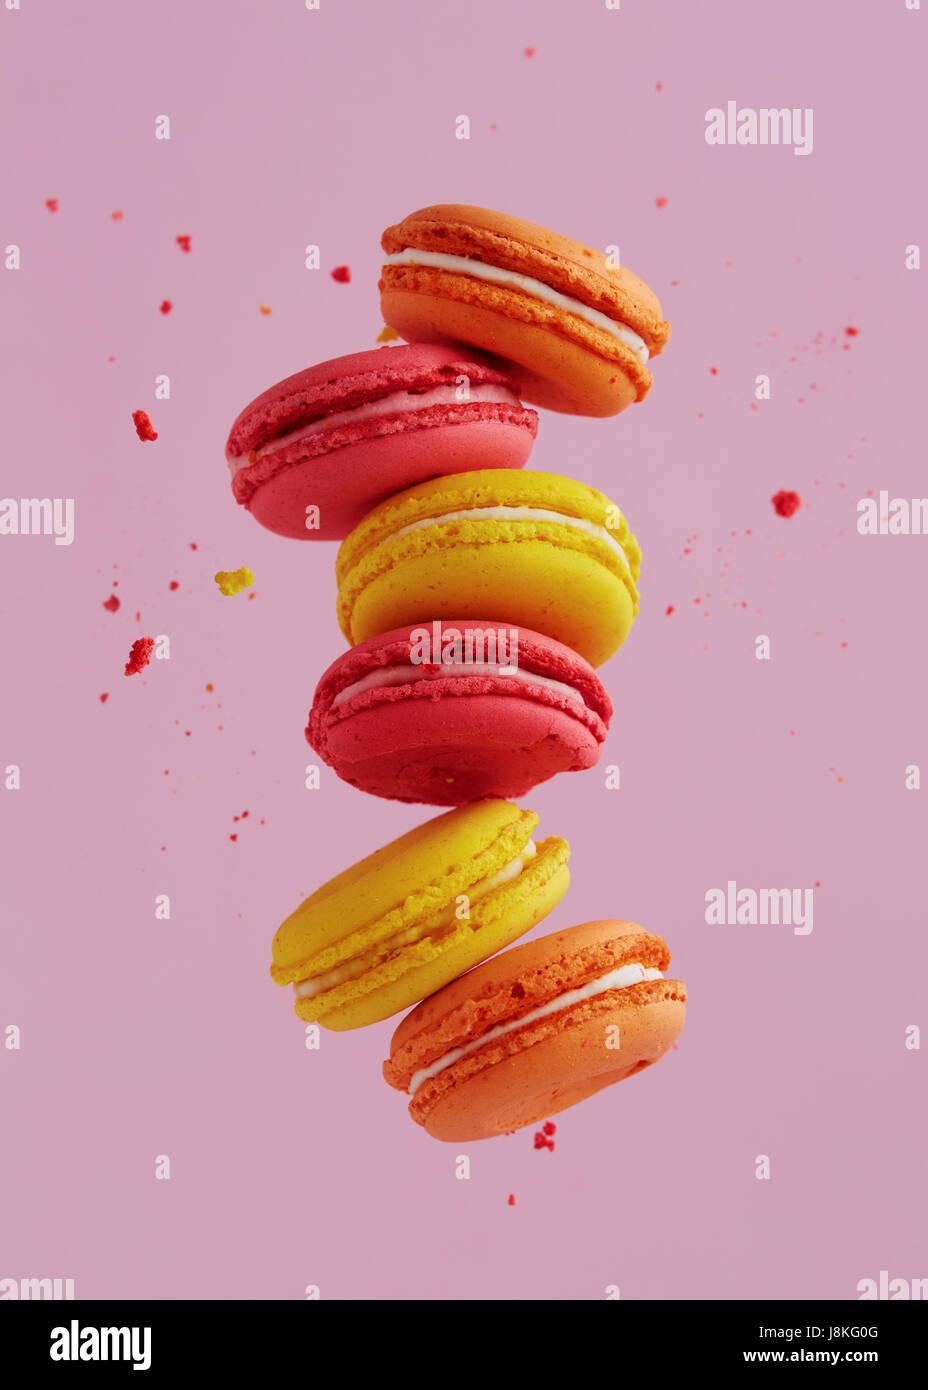 Différents types de macarons dans motion relevant sur fond rose. Doux et coloré qui tombent ou qui volent Photo Stock